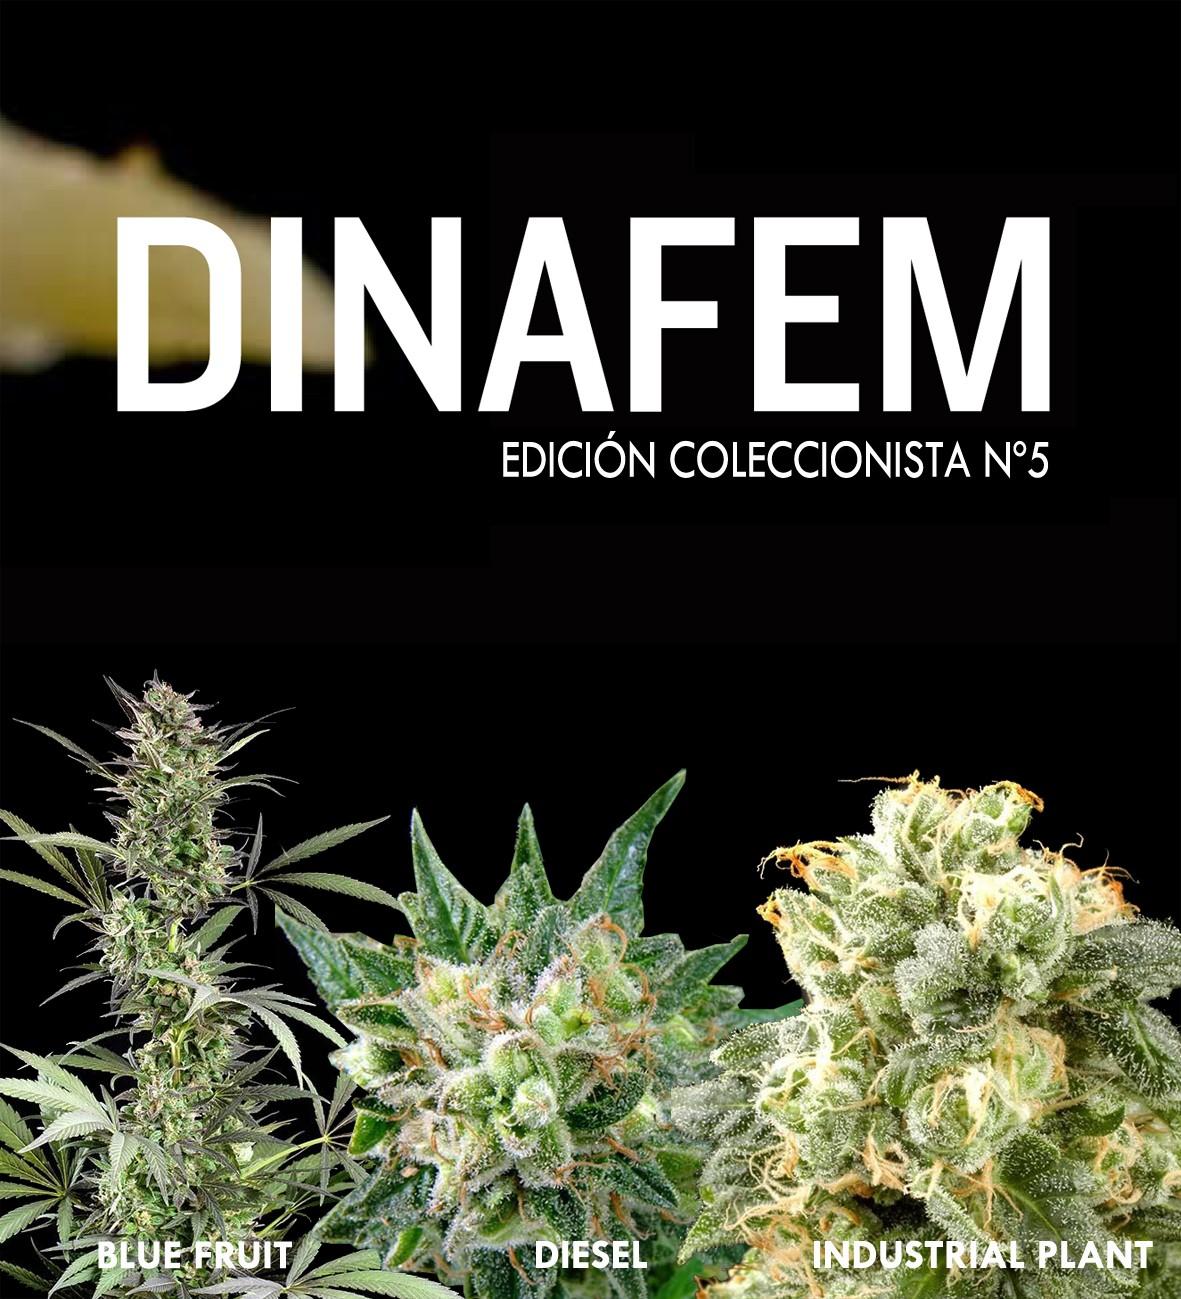 Dinafem collector #5 6 seeds